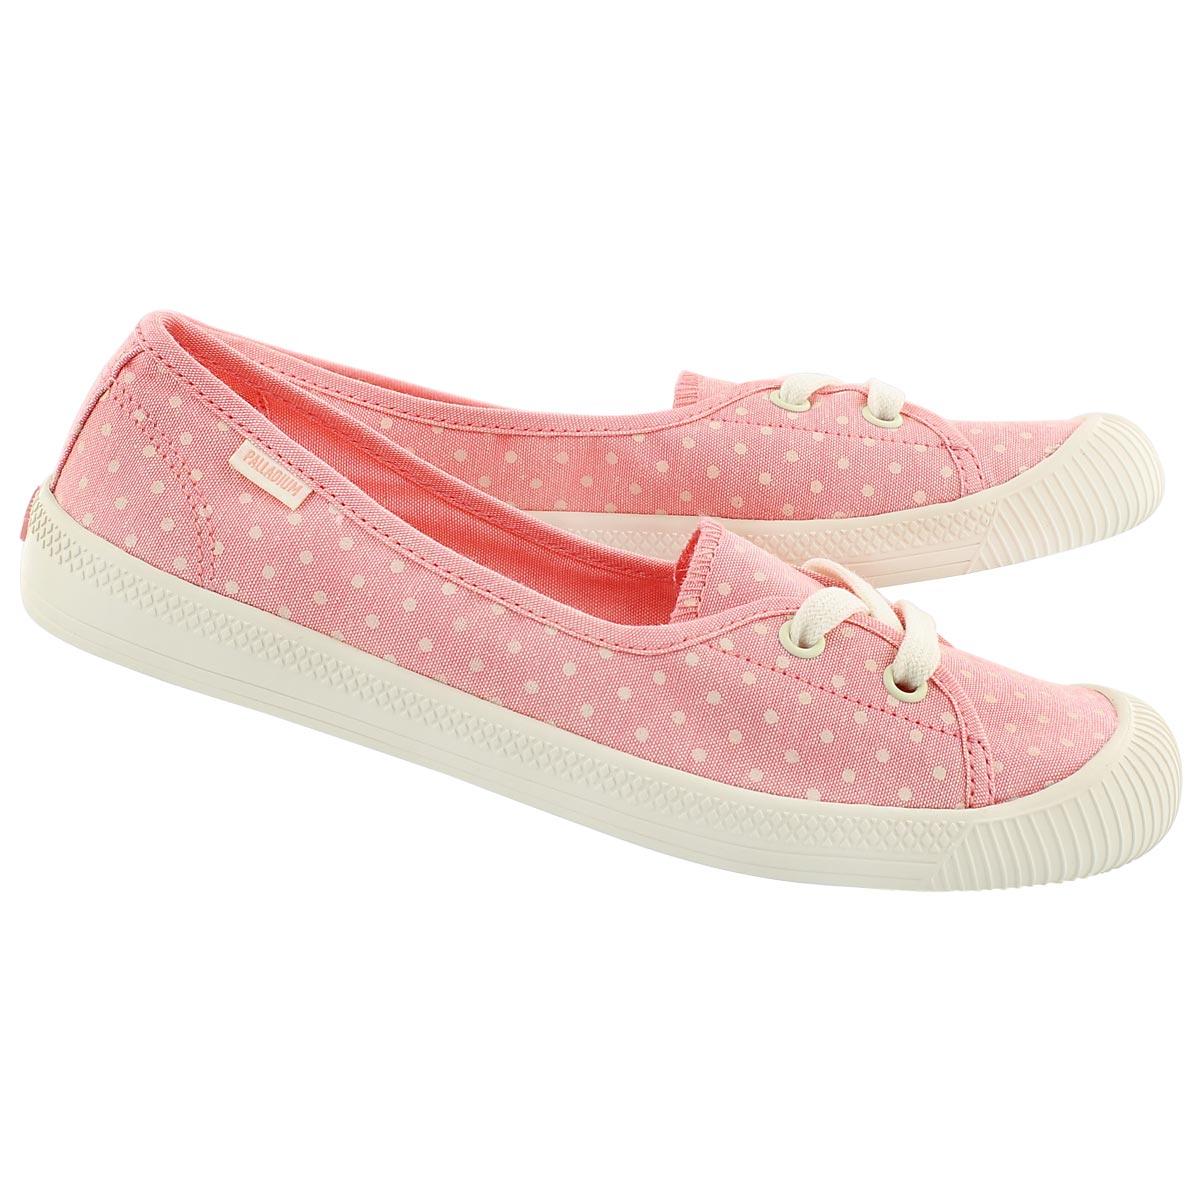 Lds Flex Ballet peach/wht dots sneaker